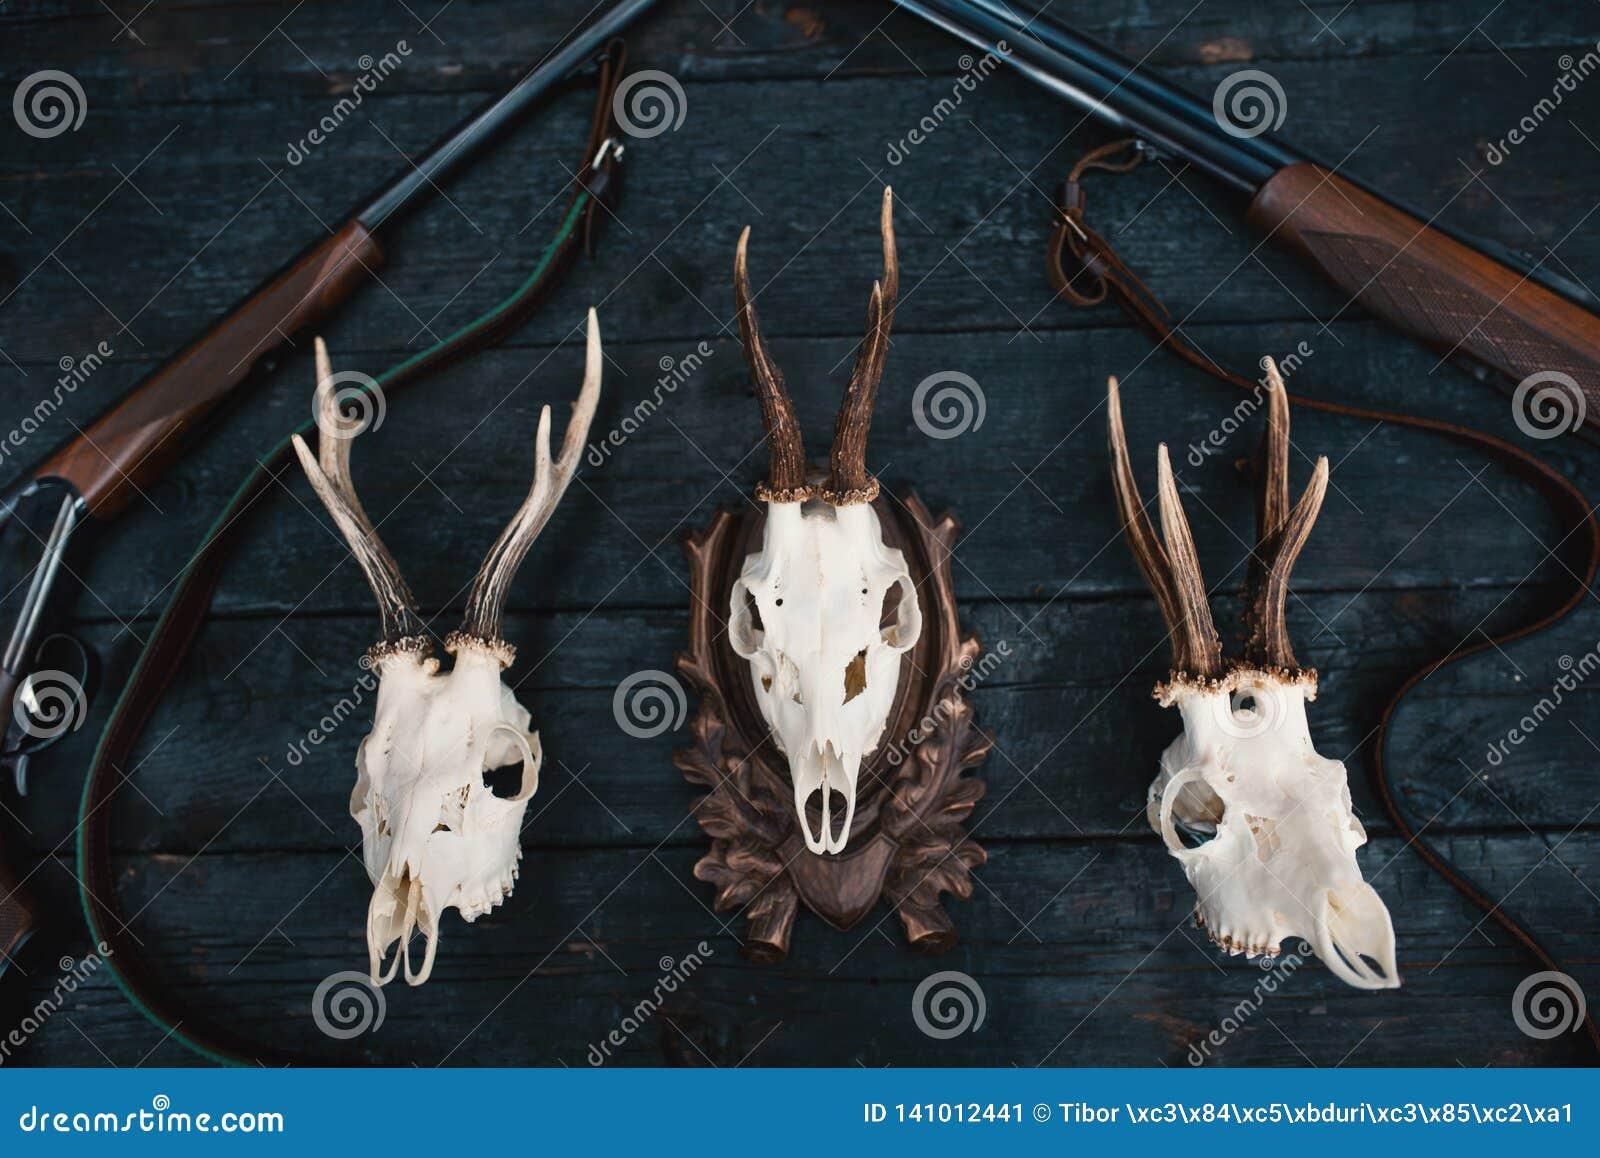 Équipement professionnel de chasseurs pour la chasse Fusil, couteaux, sculps de trophée, munitions, et d autres sur un fond noir